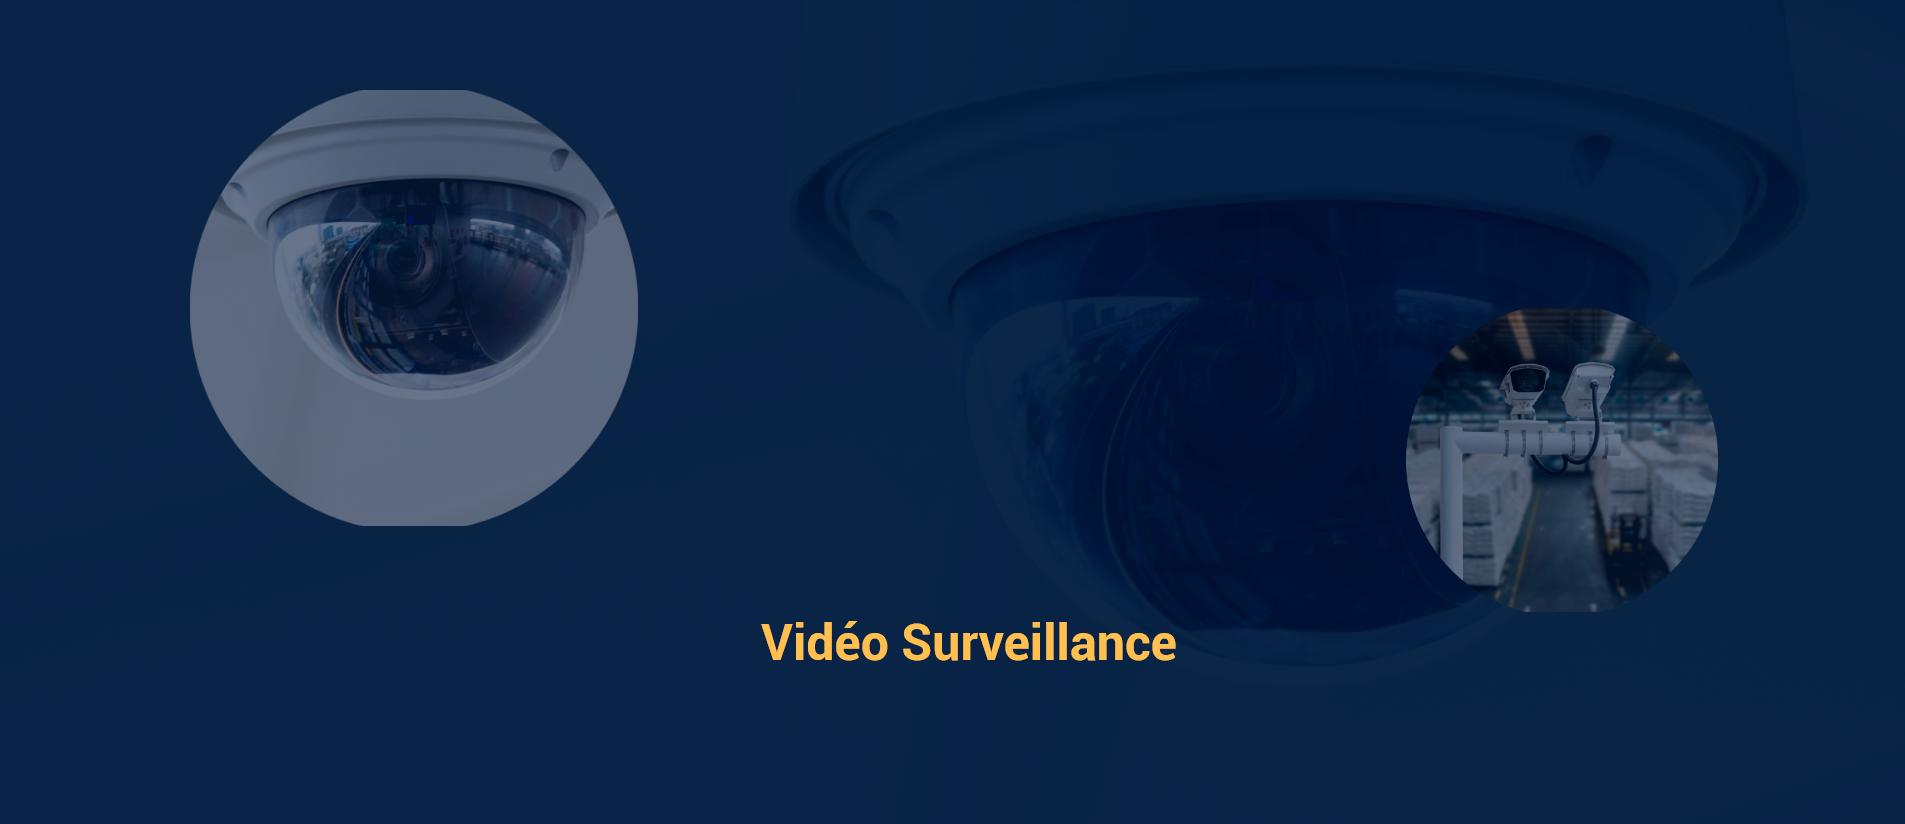 https://www.eris-di.com/wp-content/uploads/2021/07/Bandeau-video-surveillance_2.png